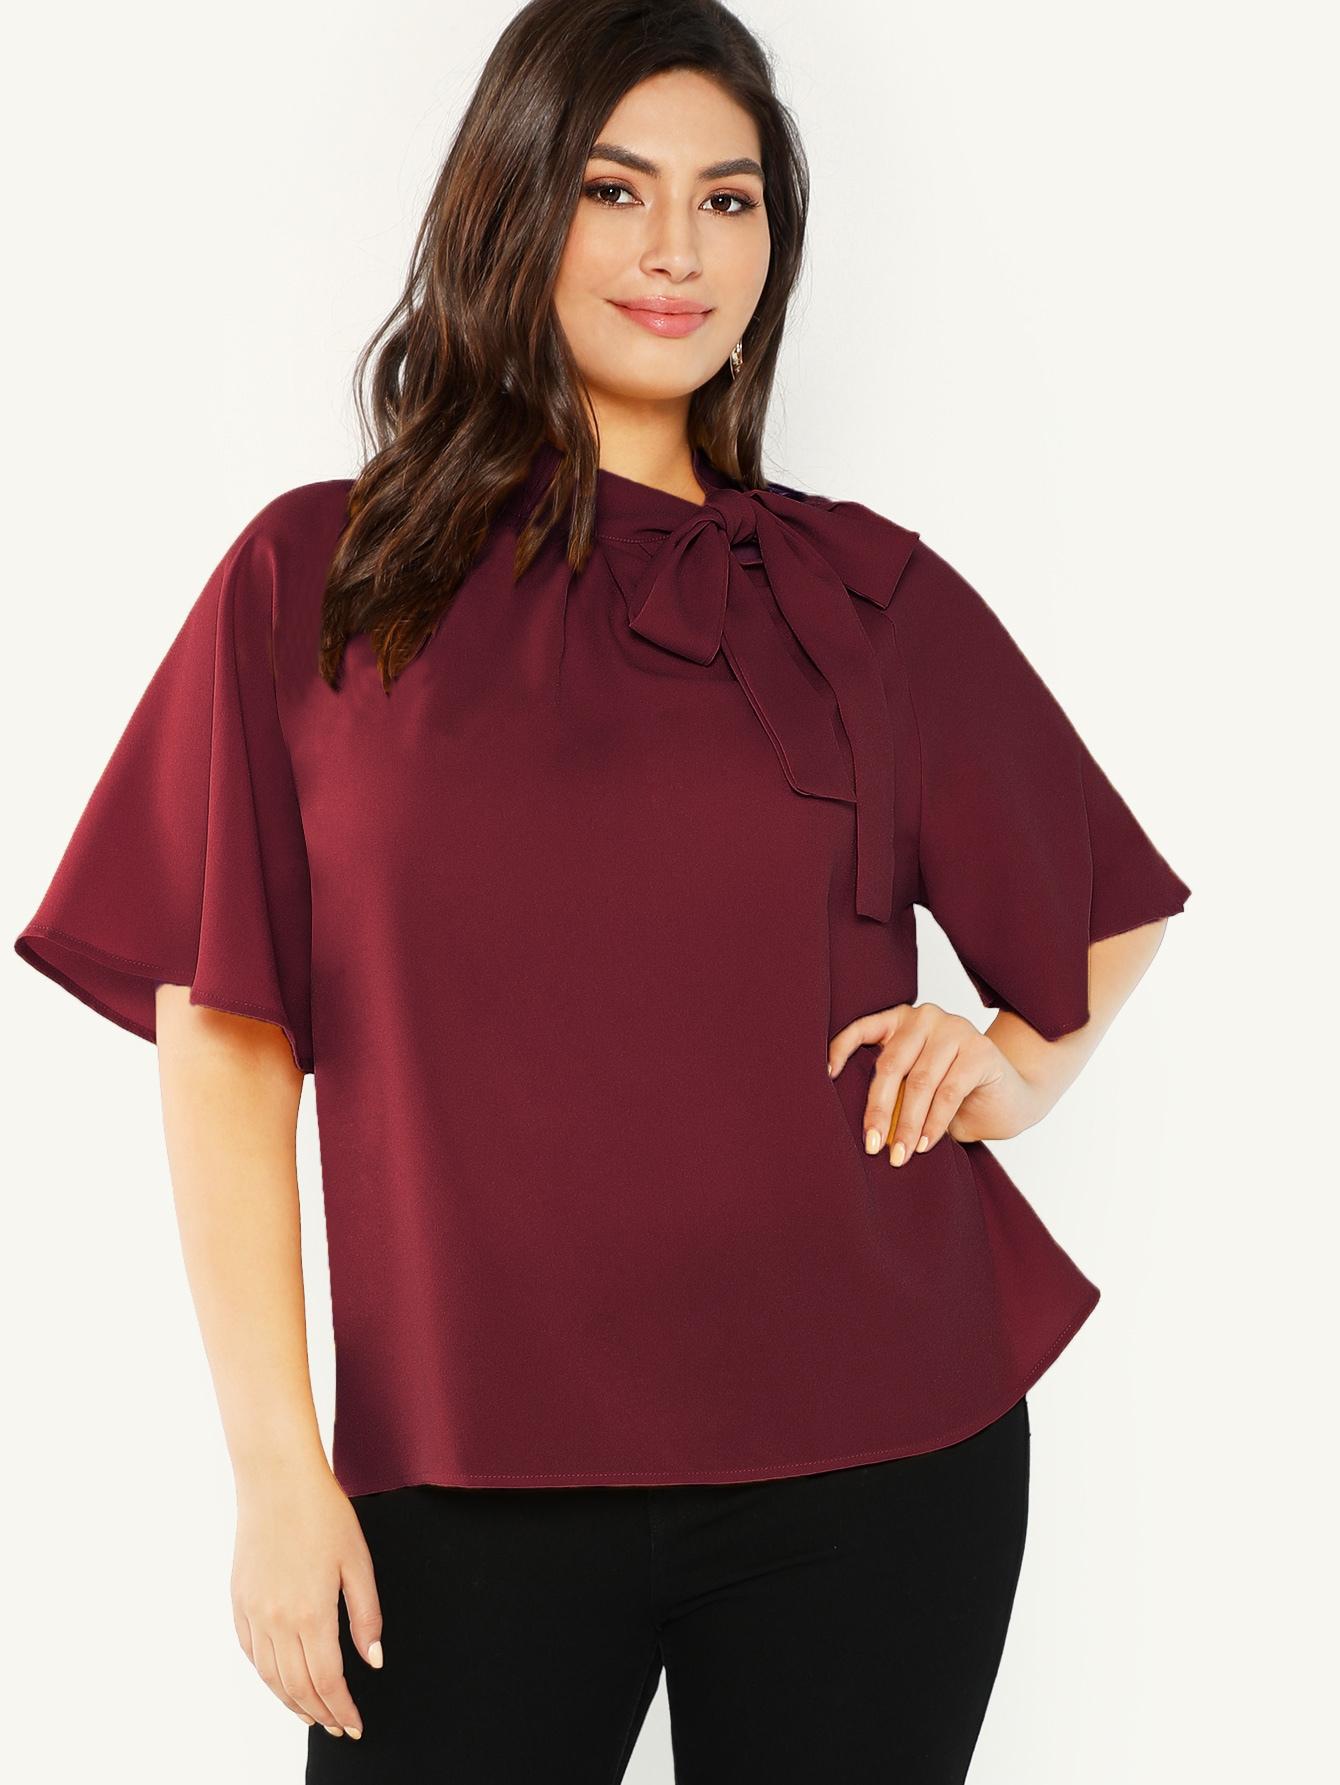 Фото - Плюс размера блузка с завязкой на шее от SheIn цвет бургундия